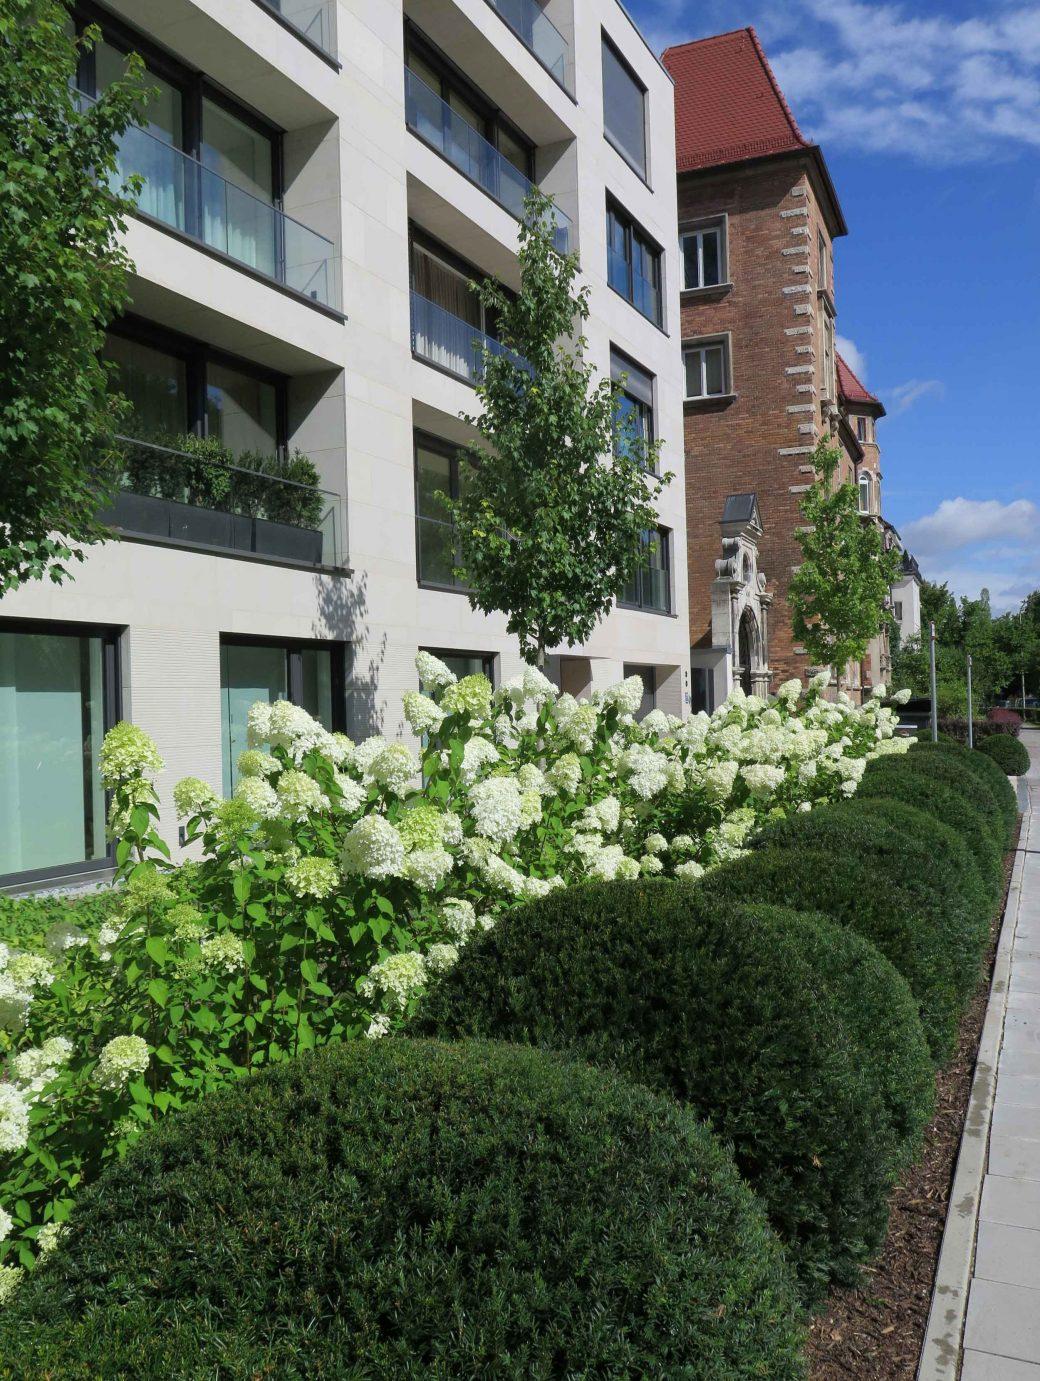 Taxuskugeln in Wolkenform und große weiße Hortensien vor einem Wohngebäude